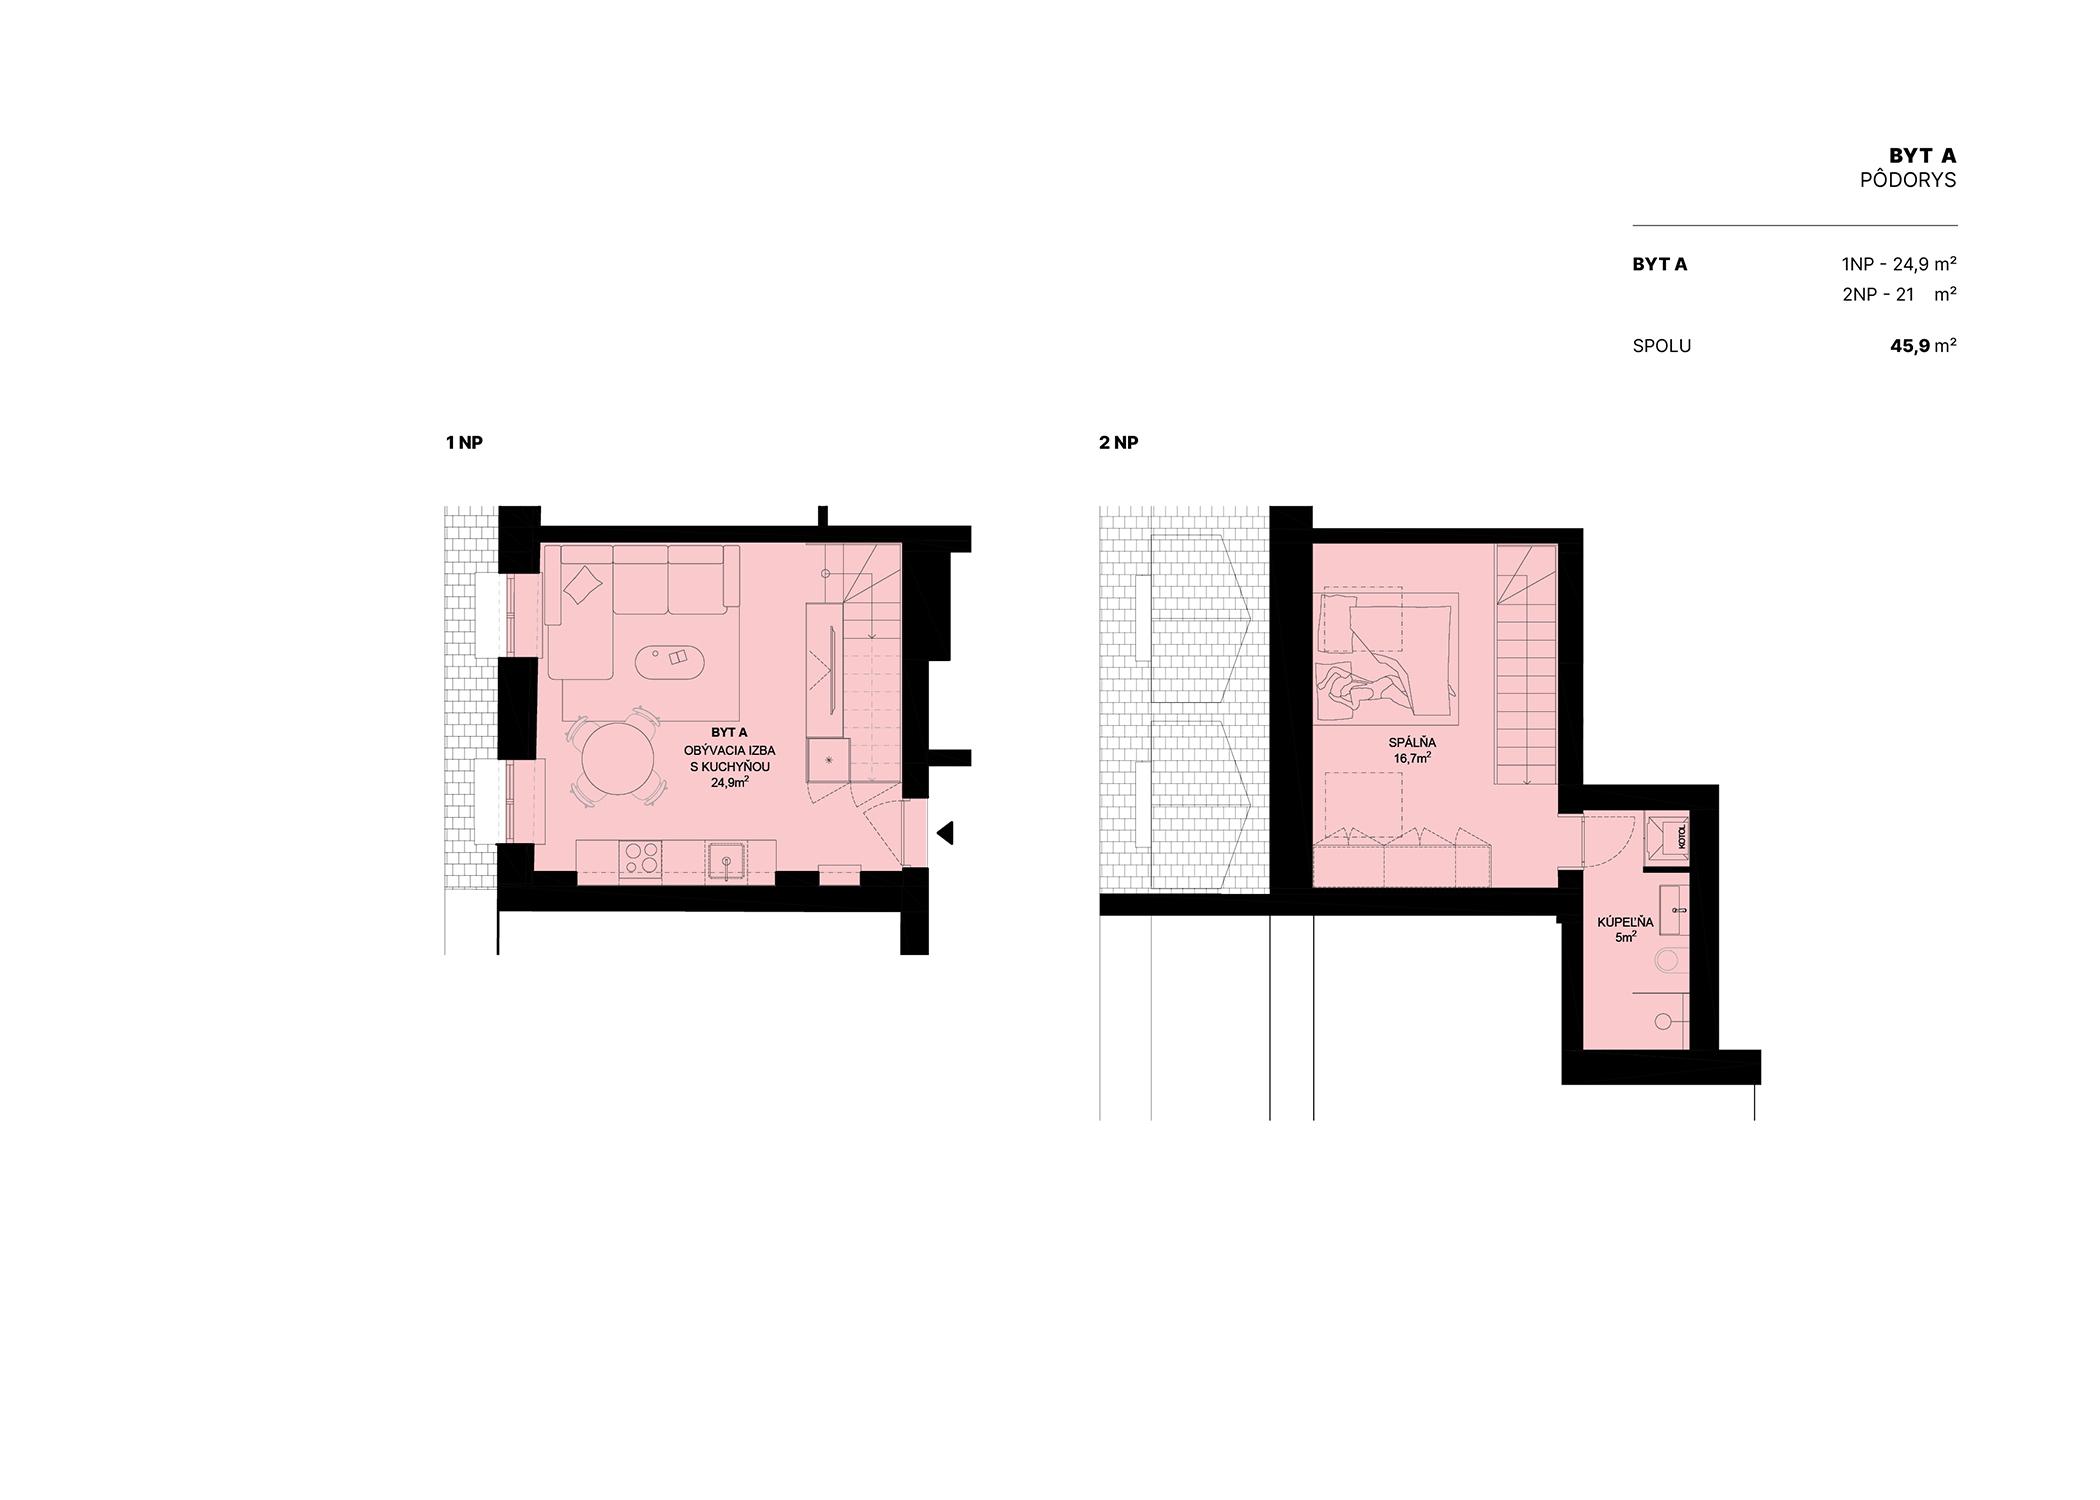 noiz-architekti-bratislava-lazaretska-rekonstrukcia-05